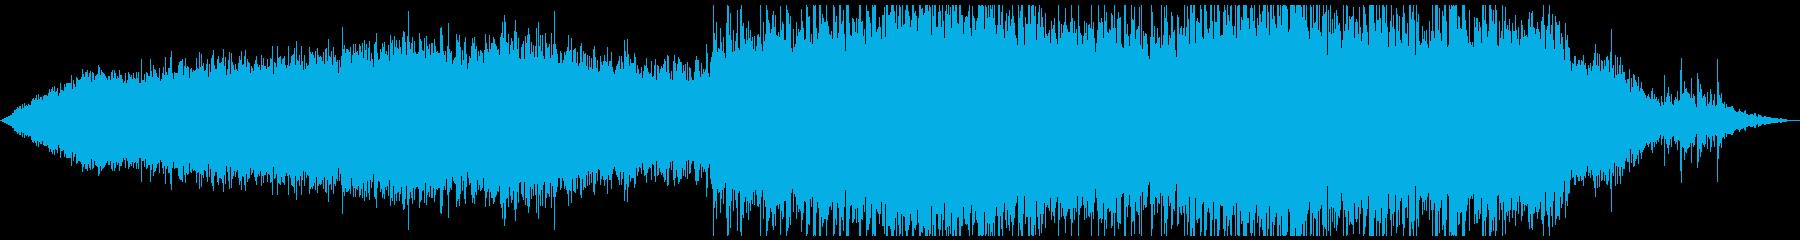 オーガニックな雰囲気のアンビエントの再生済みの波形